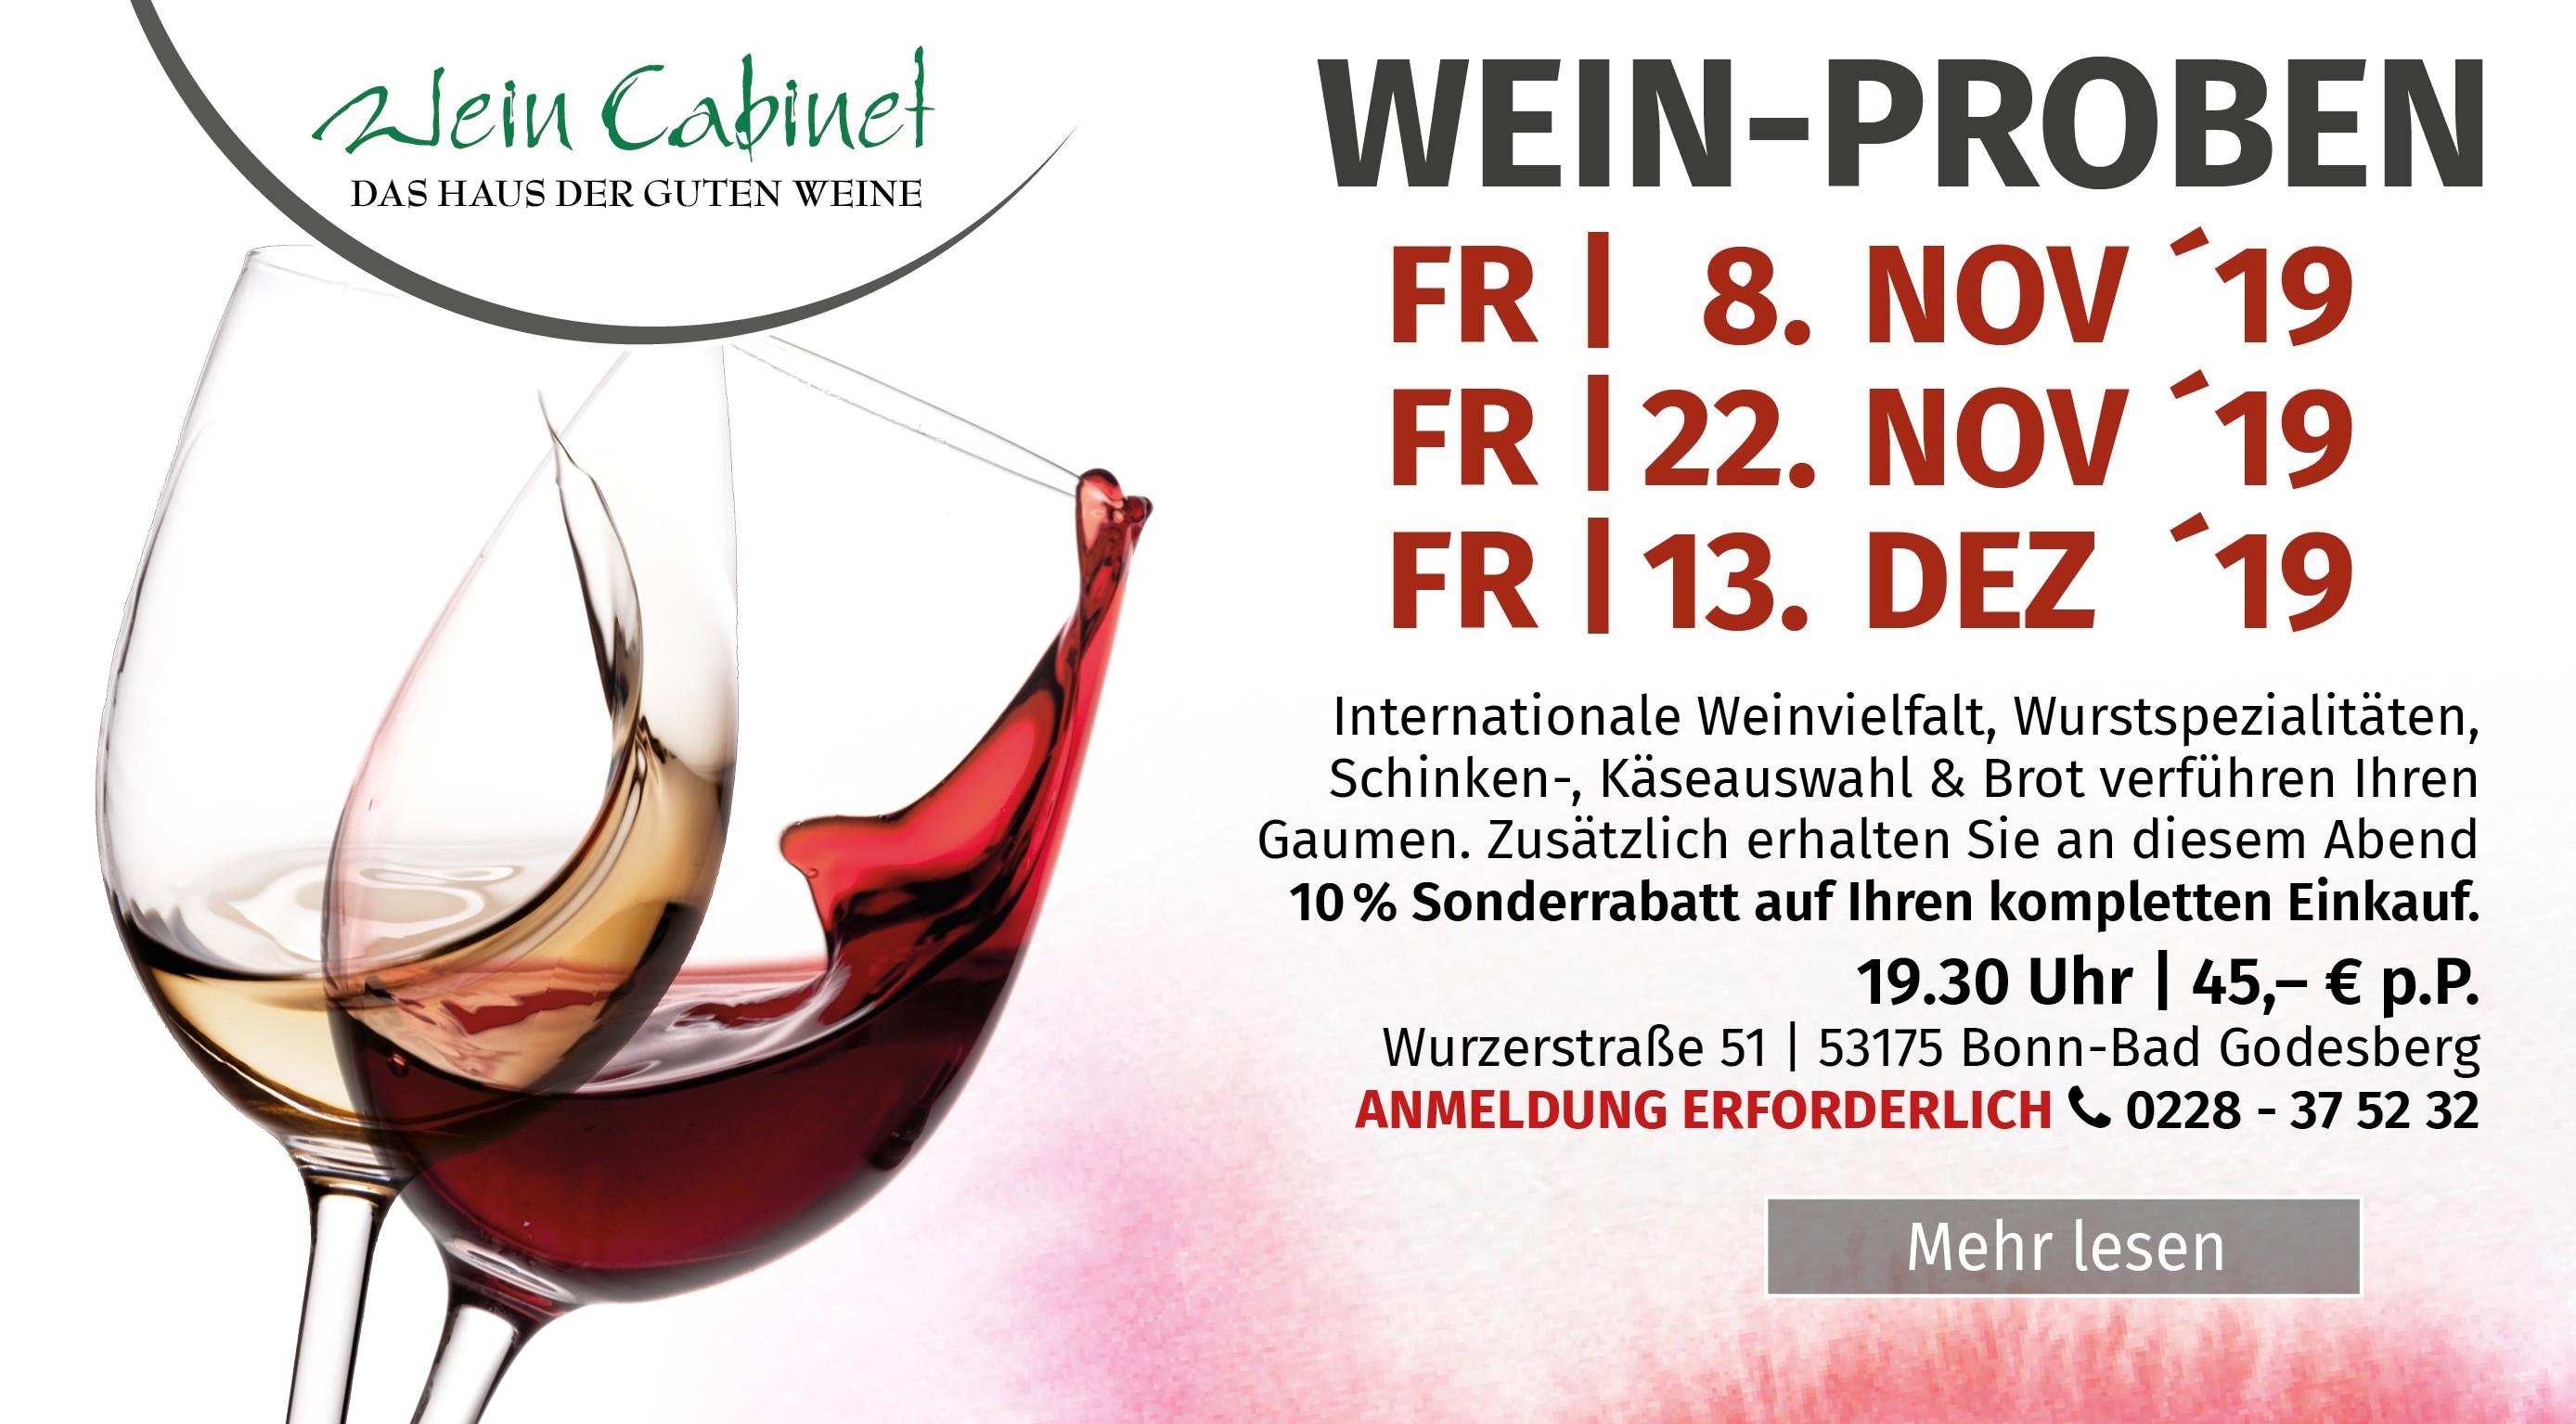 Weinprobe im Wein Cabinet Briem, Wein-Probe, Weipobe, weinfest, godesberg, Bonn, weinabend, weinliebe, weinfreude, weintasting, cocktails, feiern,weingenuss, Weinvielfalt